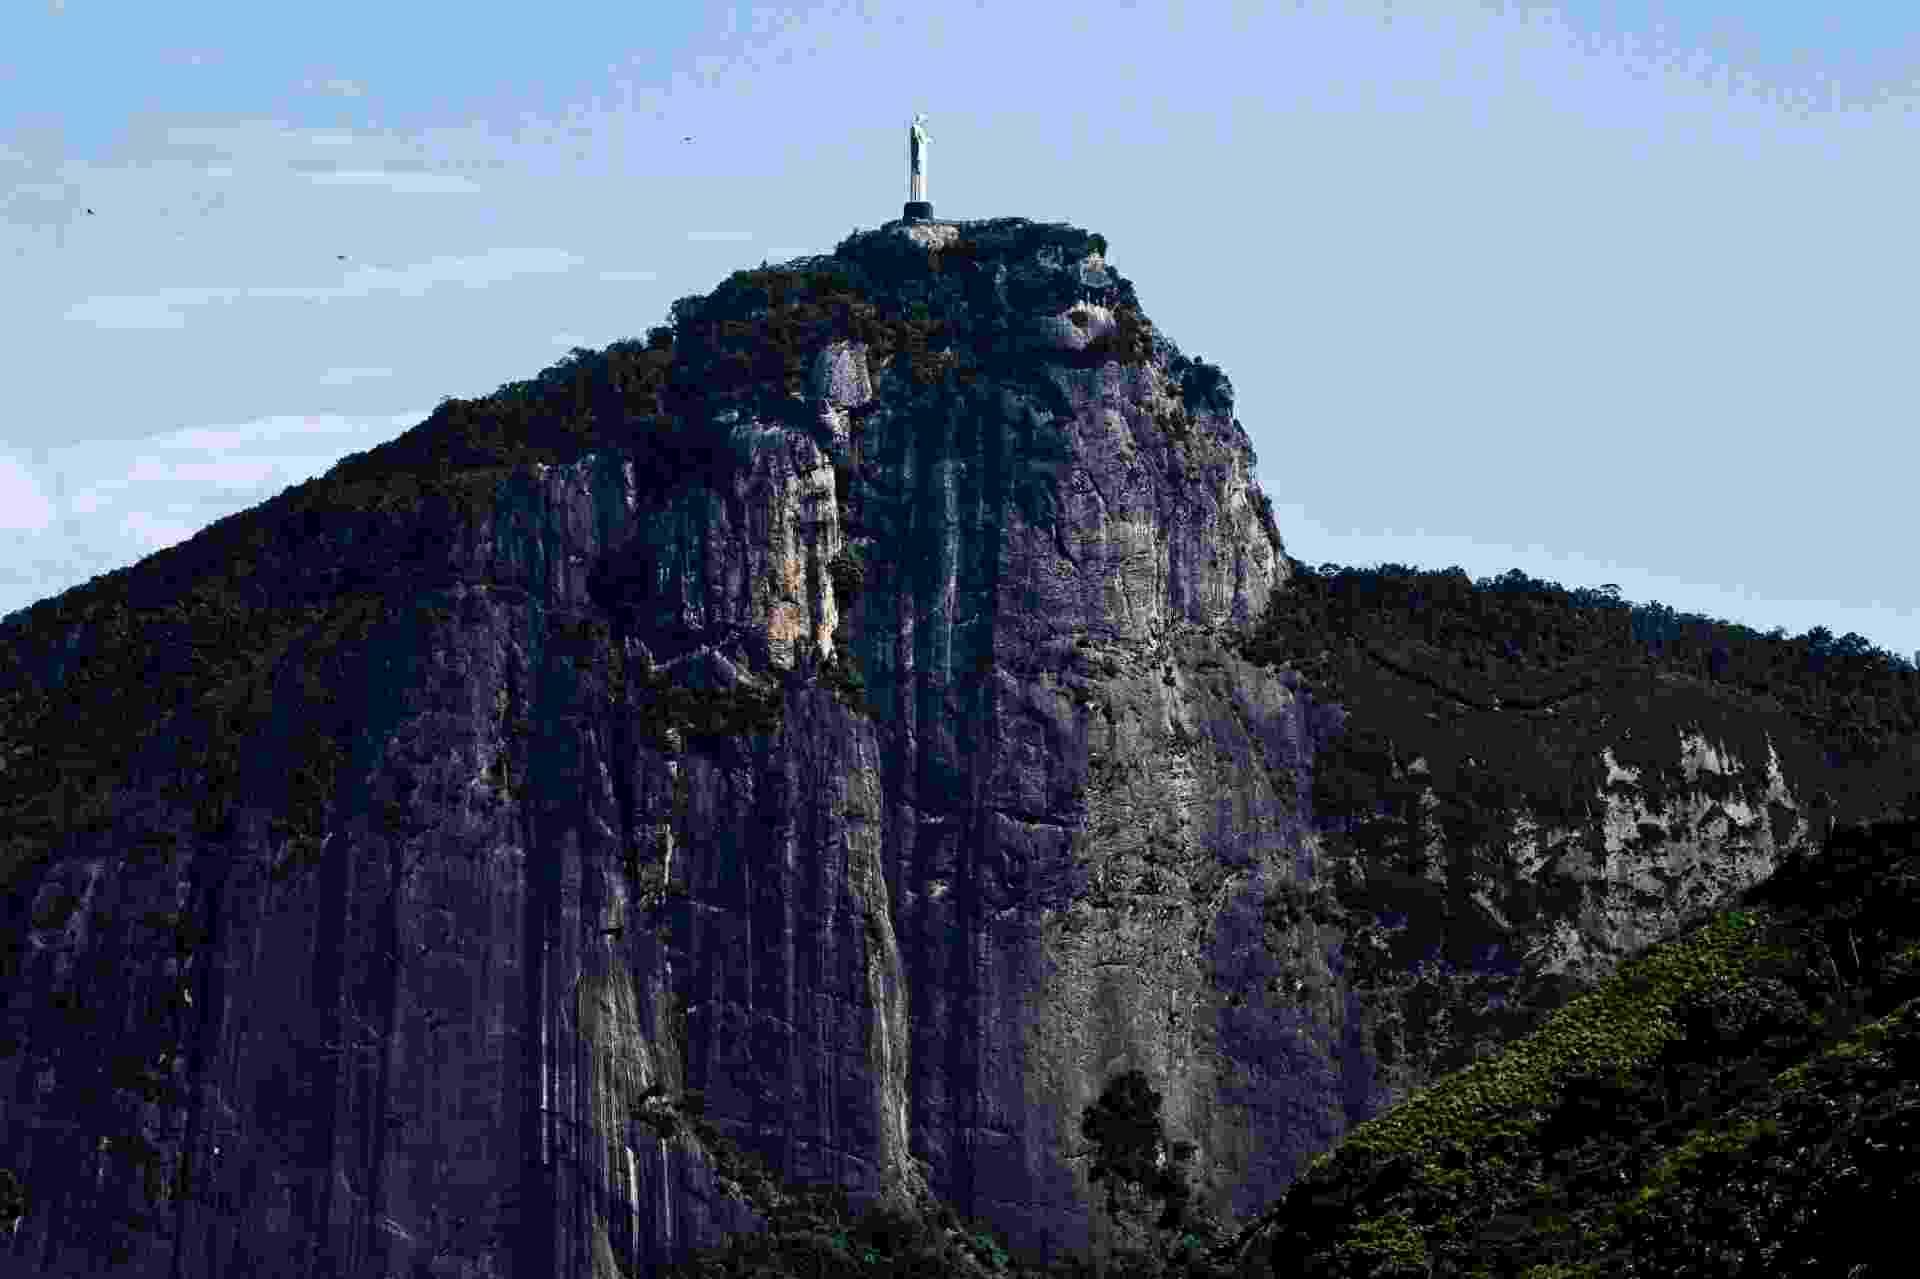 Oscar Mikail comprou, reformou e decorou um apartamento de 109 m² no Rio de Janeiro. O imóvel dos anos 1960, apesar de não possuir varanda, tem janelões com vista para o Cristo Redentor - Thiago Travesso/Divulgação